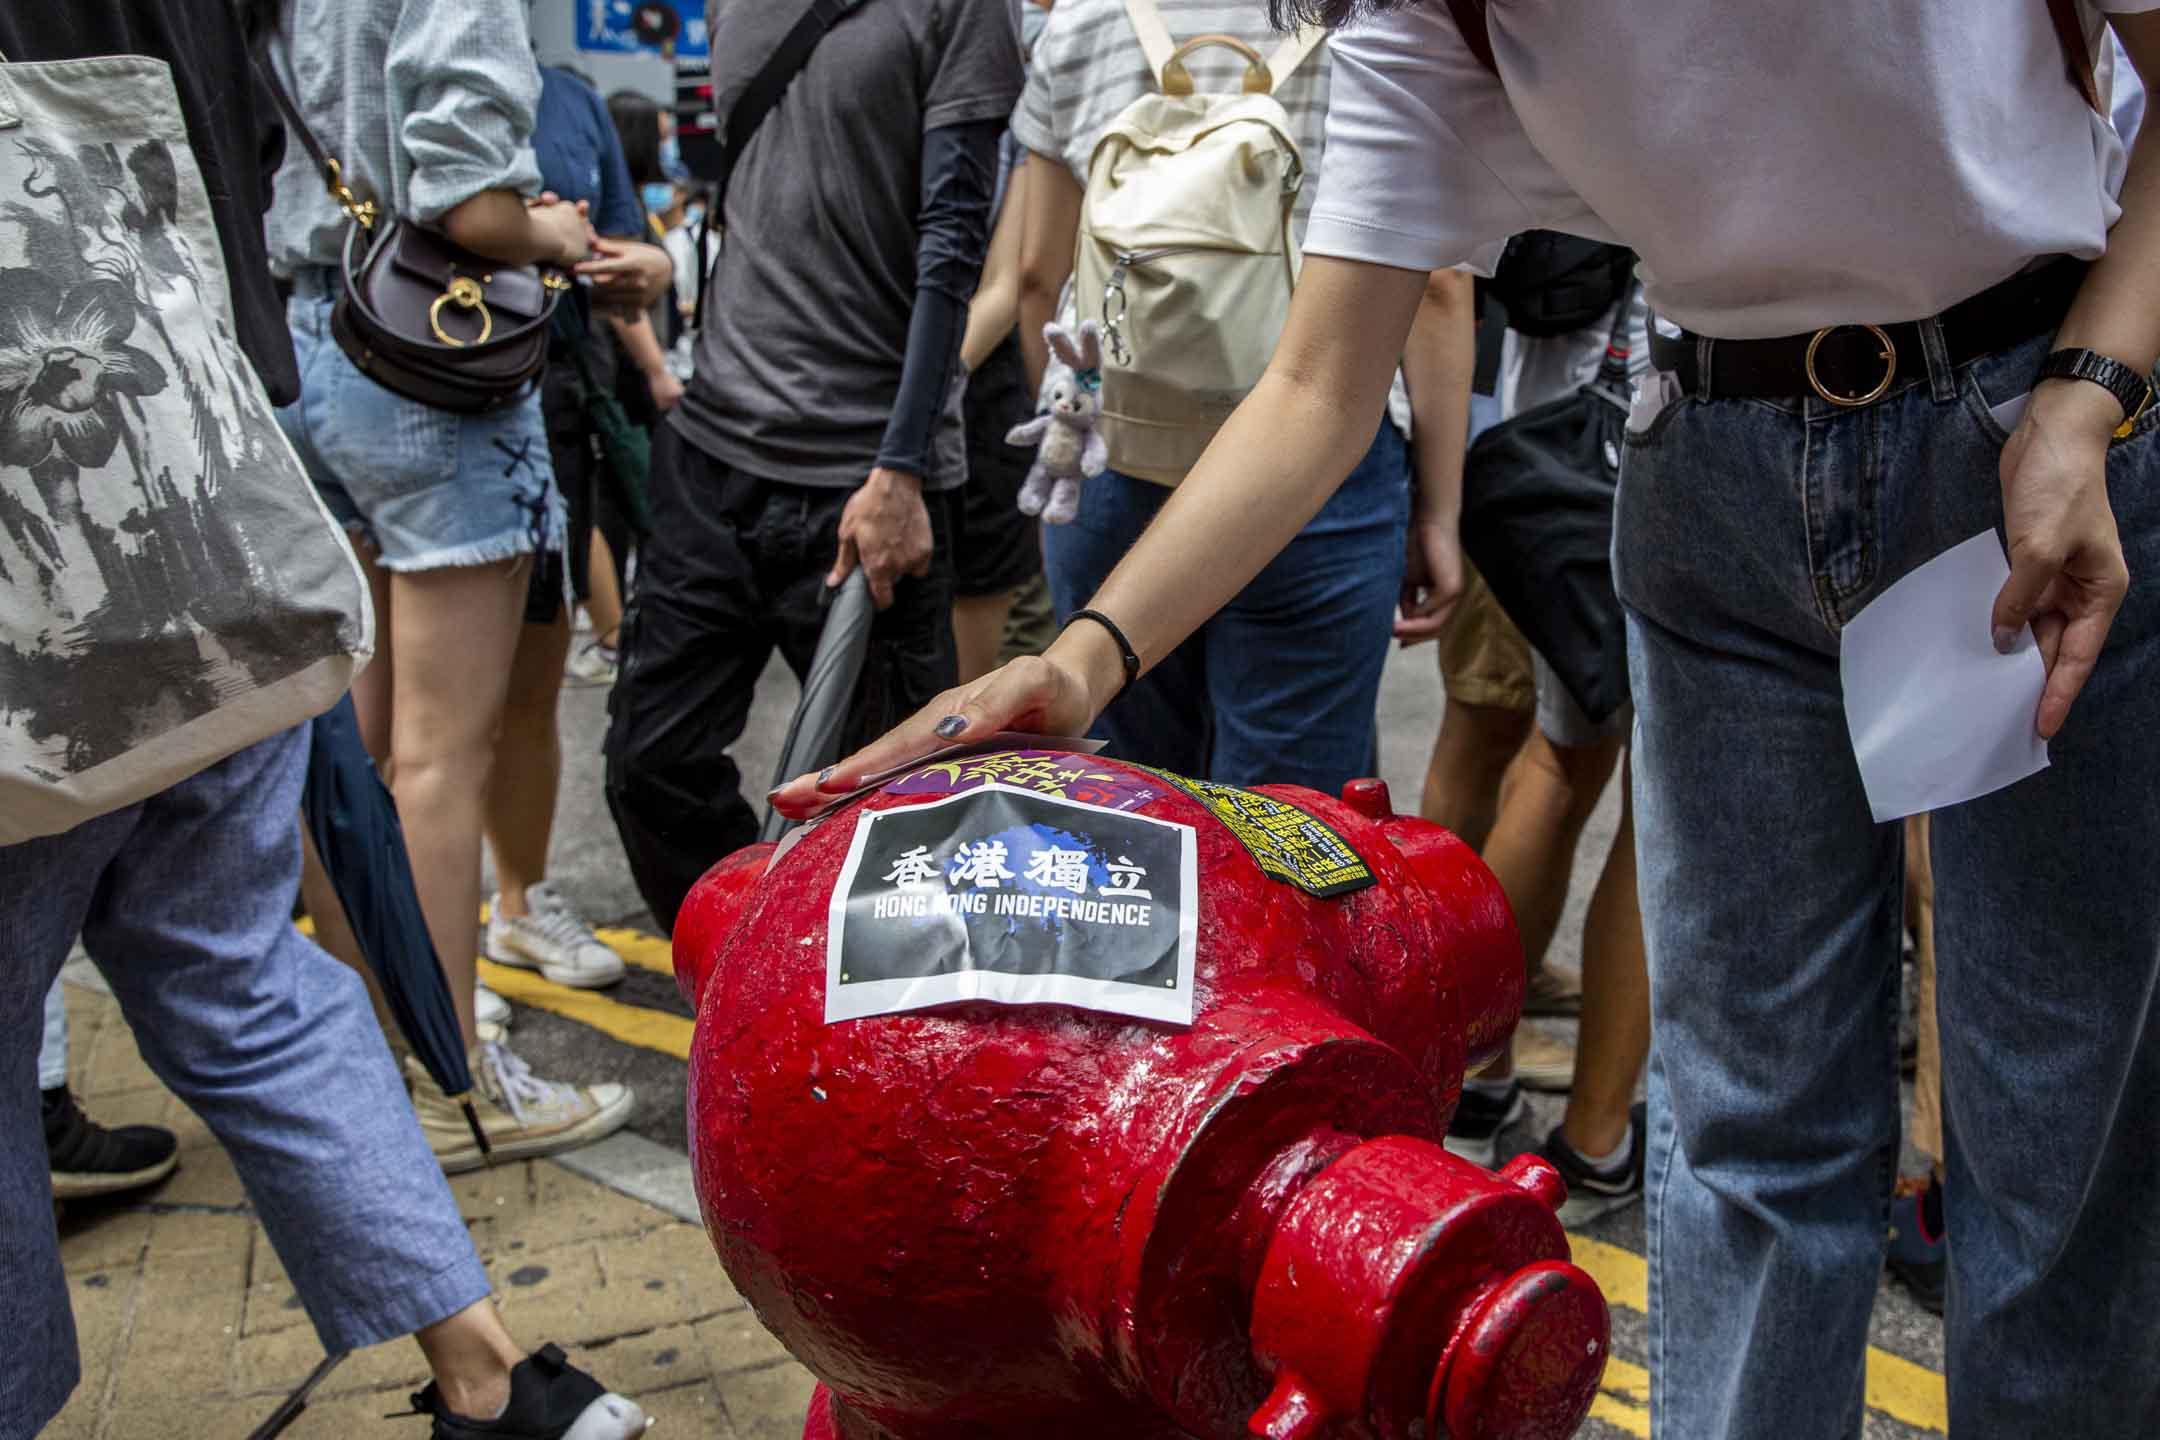 2020年7月1日,有市民將香港獨立的字貼在消防栓。 攝:林振東/端傳媒